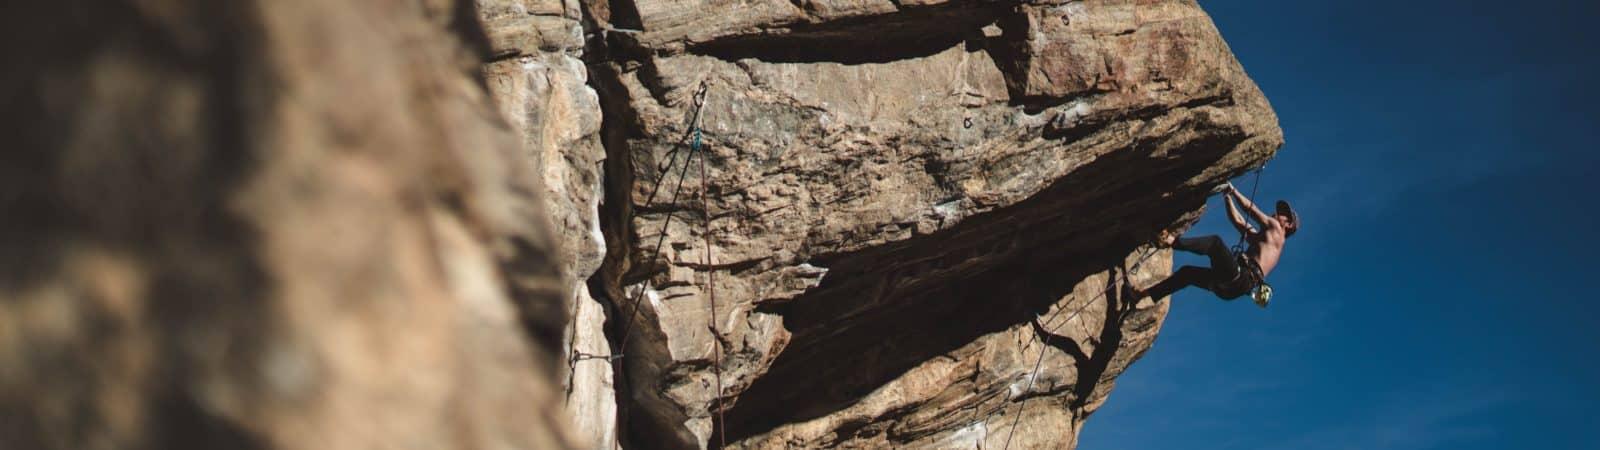 Rock Climbing 4-day Course Los Arenales, Mendoza